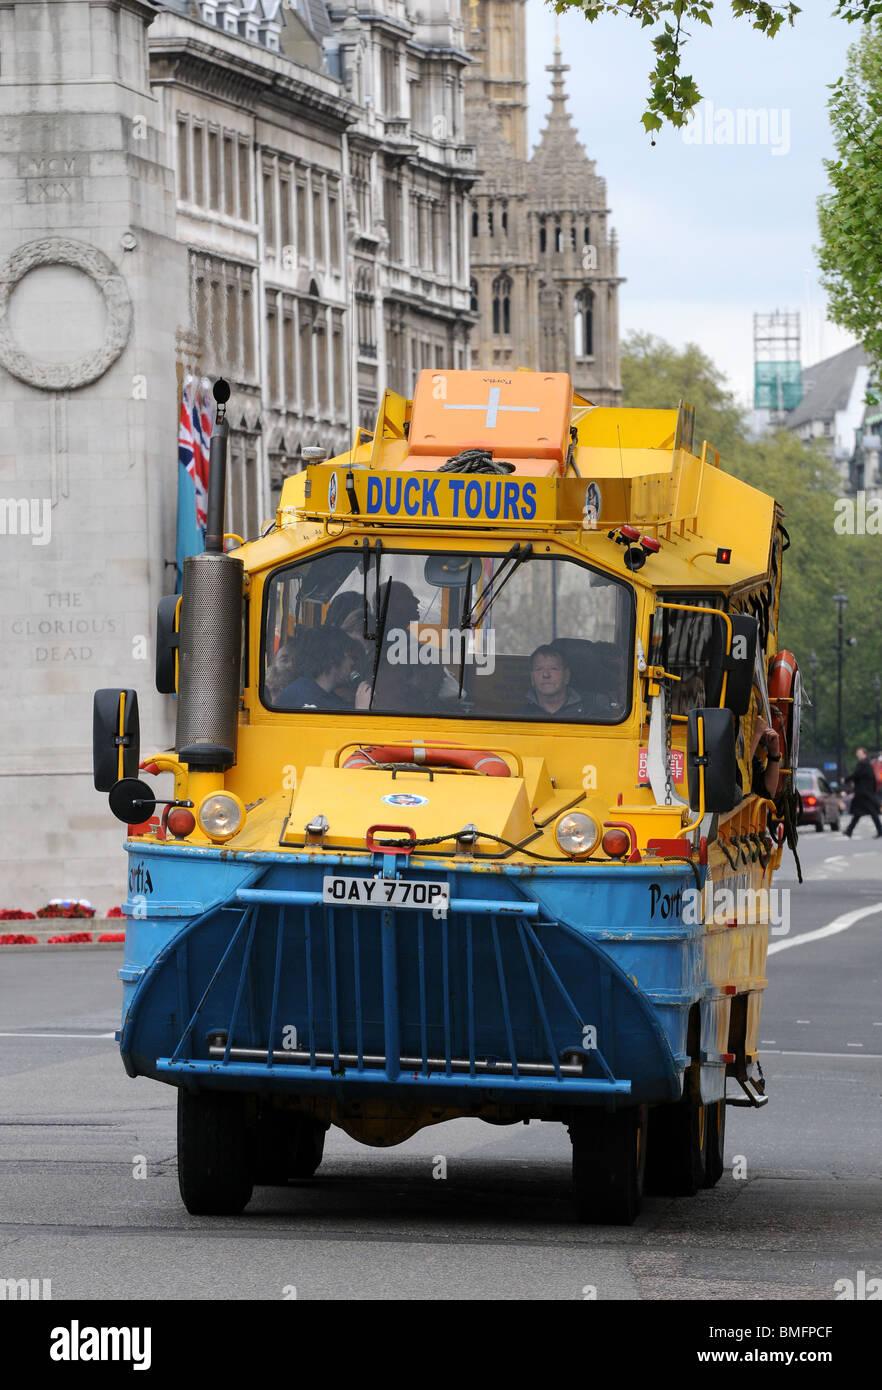 """""""Duck Tours"""" sur le véhicule amphibie Road, Londres, Angleterre, Royaume-Uni Photo Stock"""